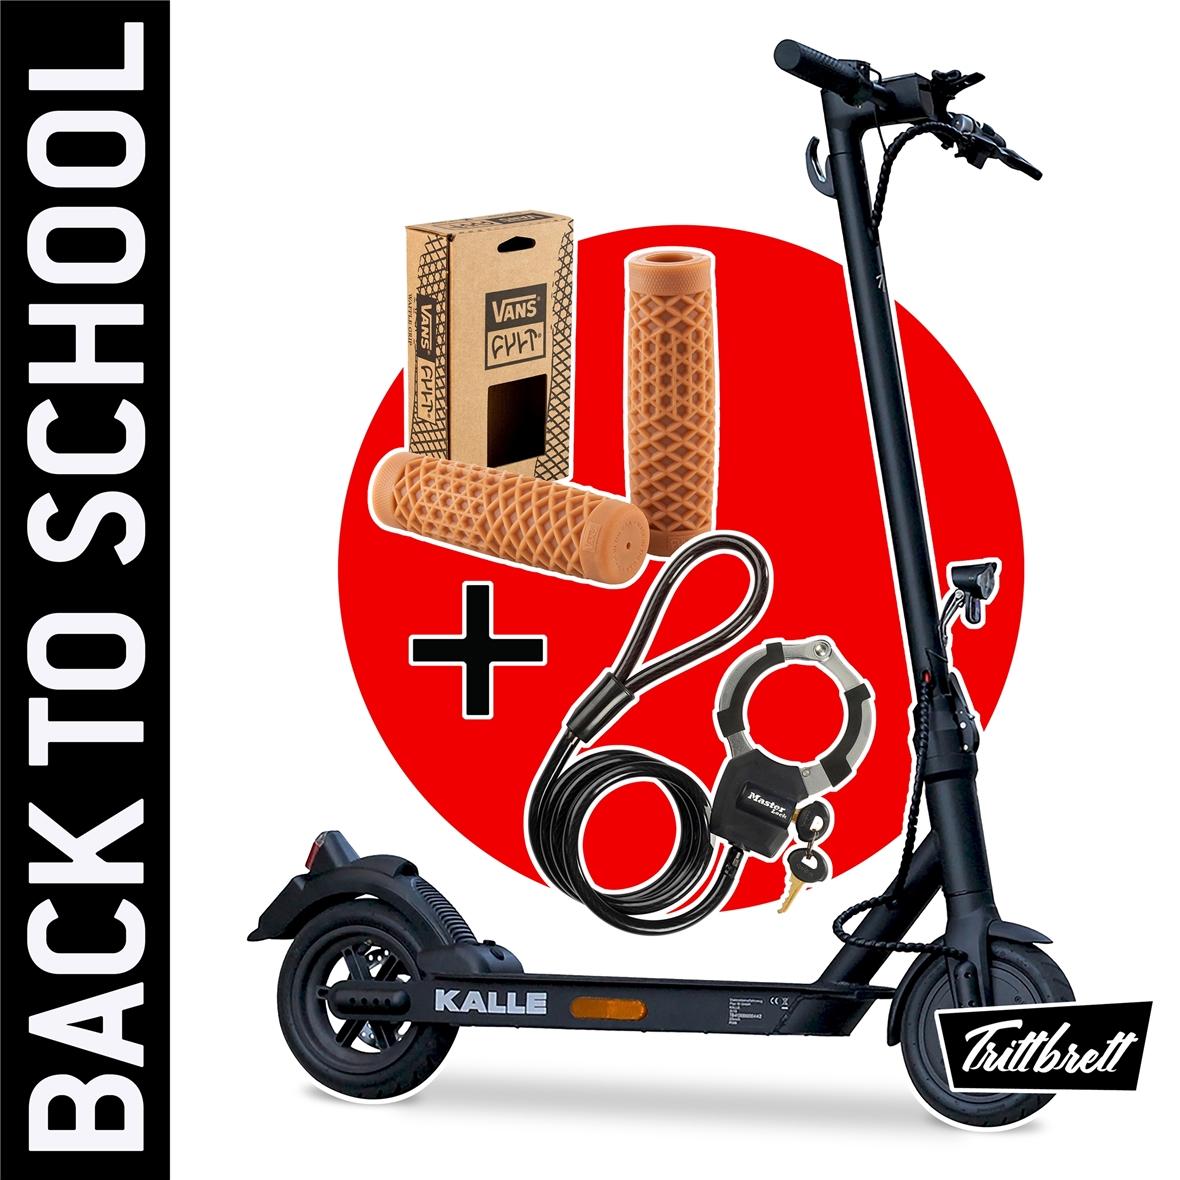 """Imagen del producto para 'E-Scooter """"BACK TO SCHOOL"""" Bundle TRITTBRETT Kalle con puños VANS (marrón claro) y Masterlock StreetcuffTitle'"""